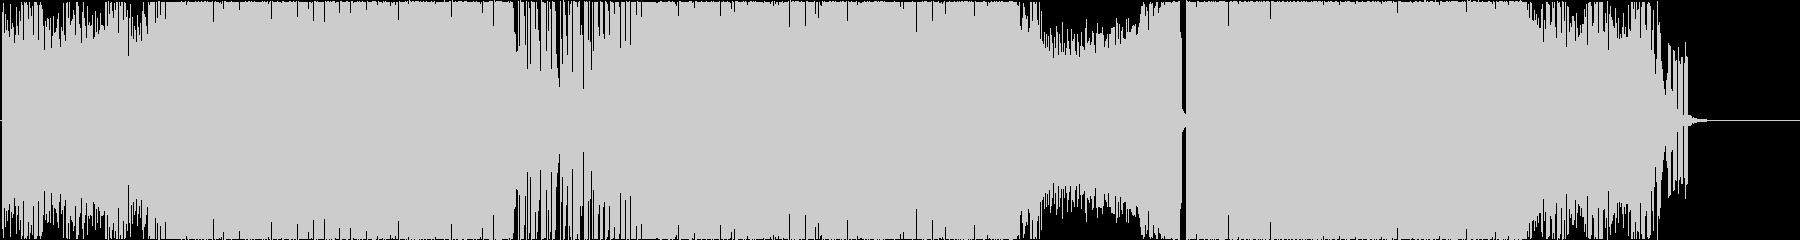 バトル,カーアクション,疾走感あるBGMの未再生の波形